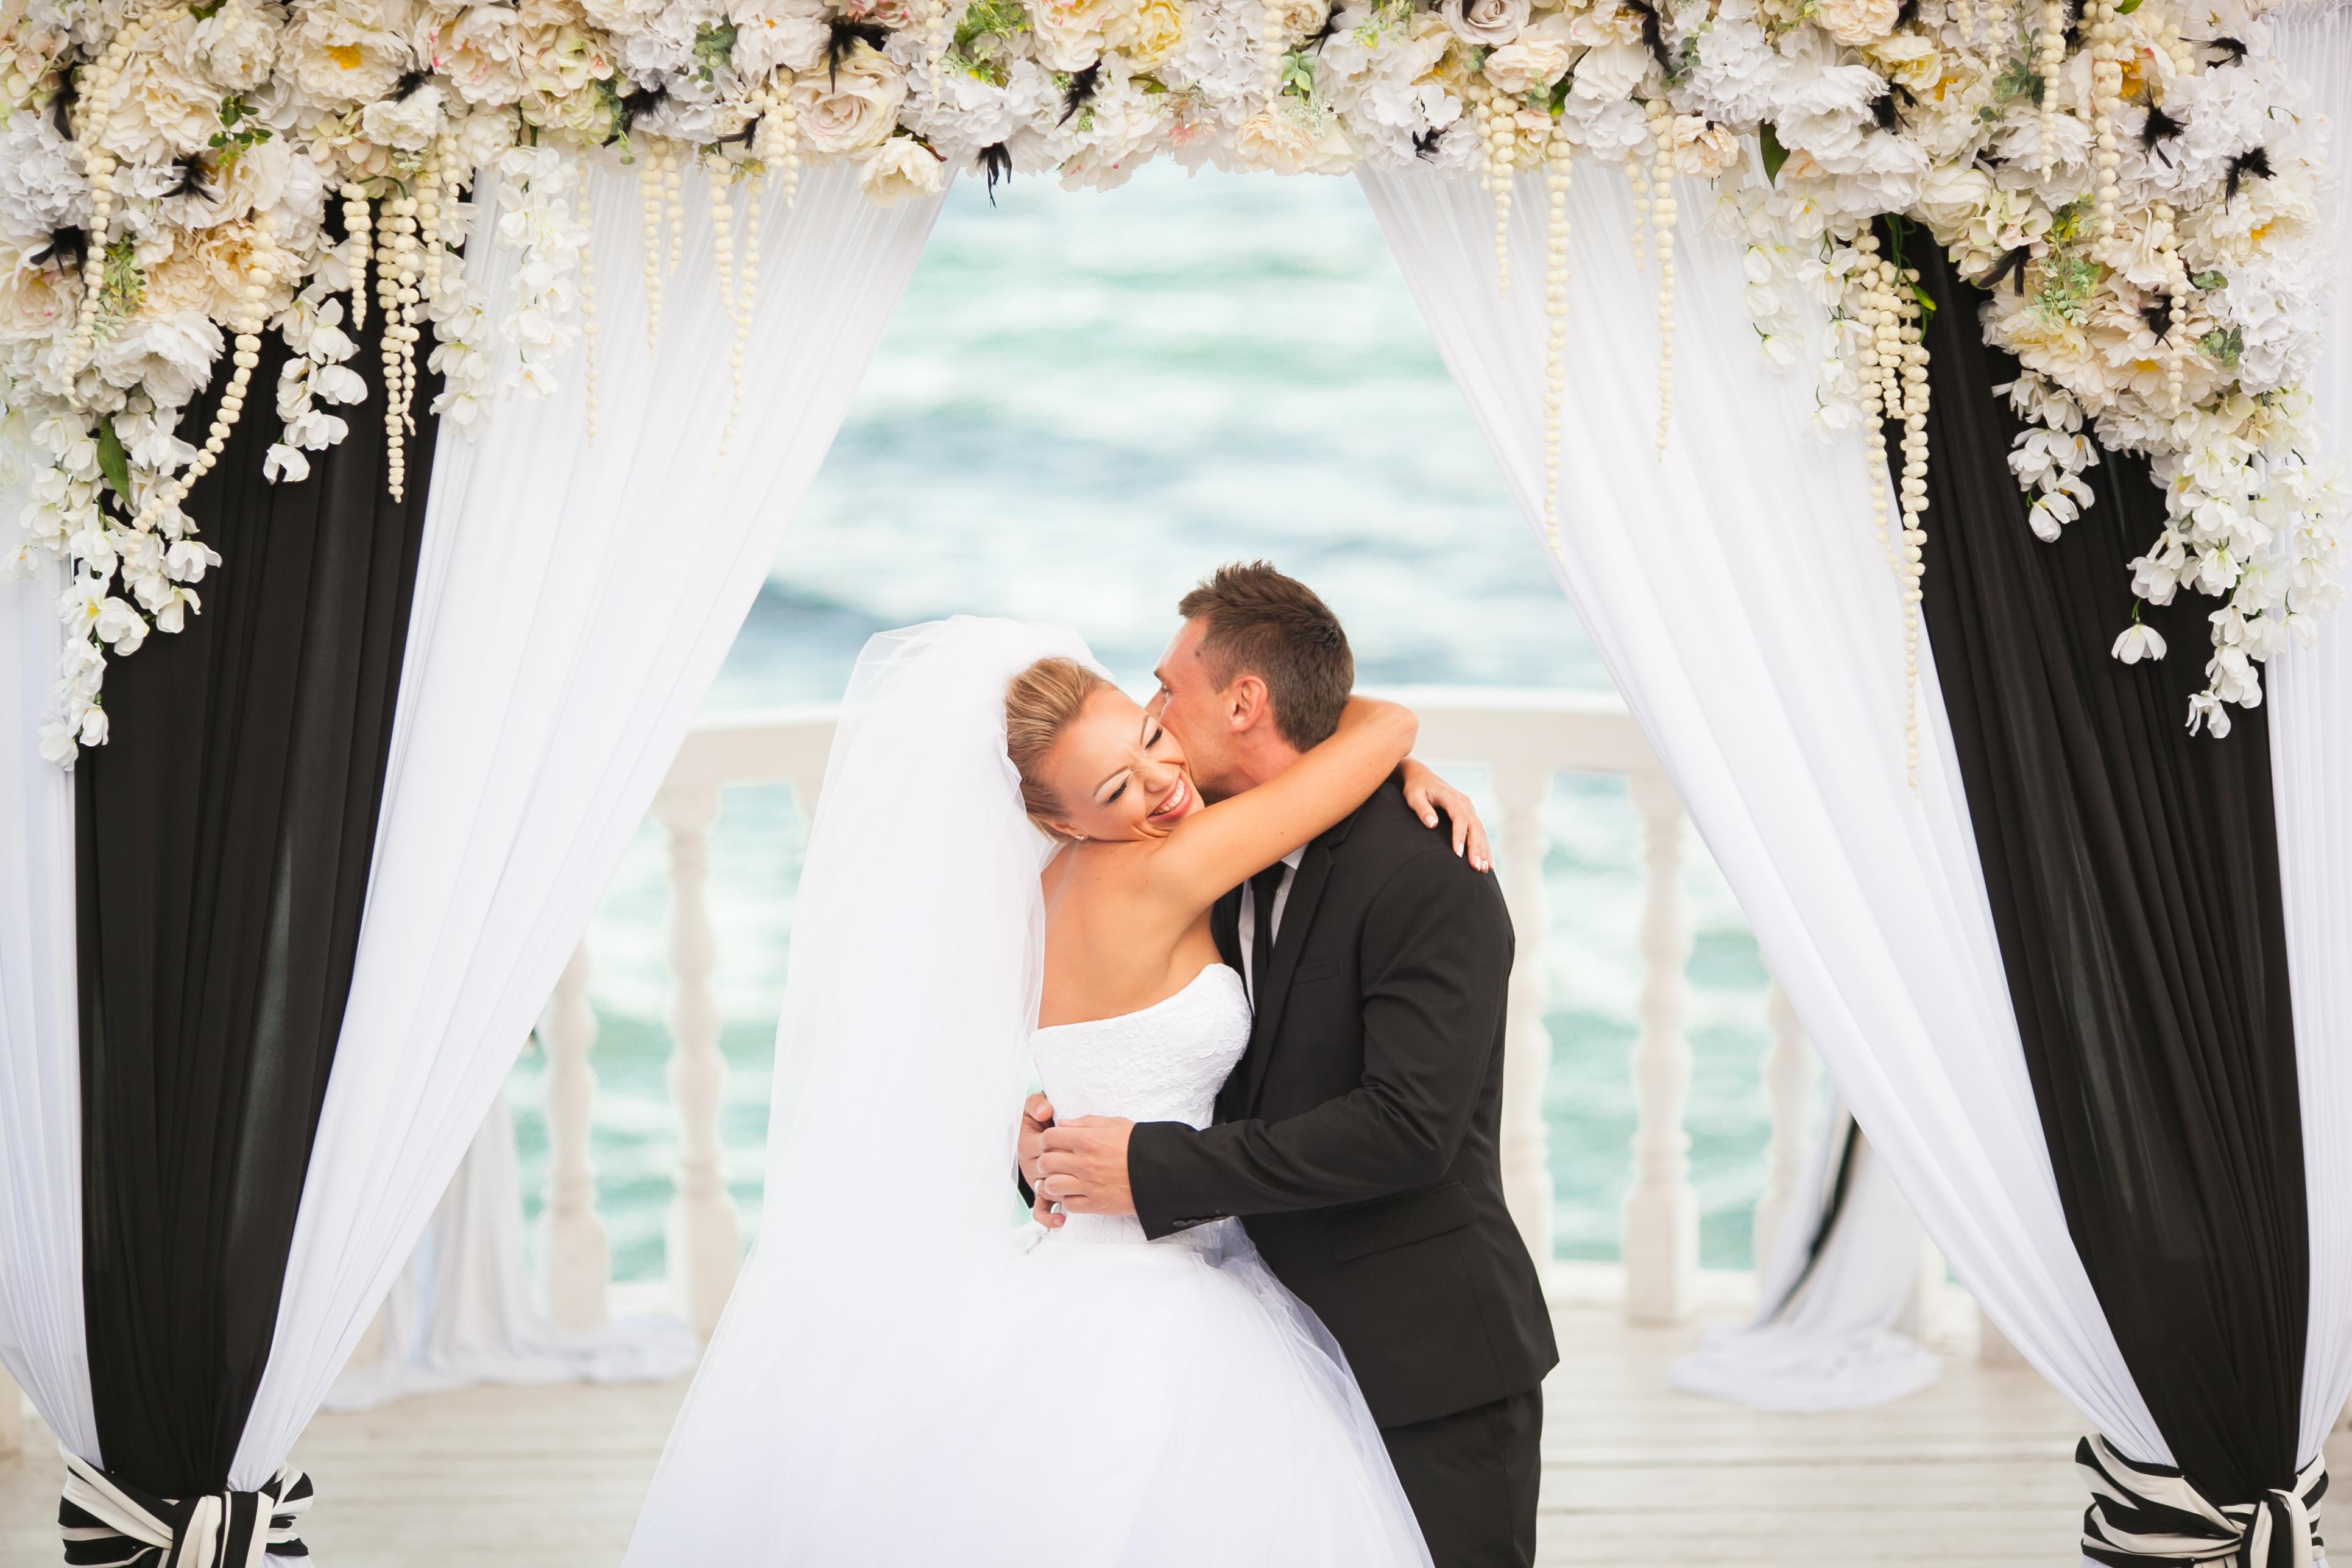 выездная свадебная церемония - студия стильных свадеб Love Story